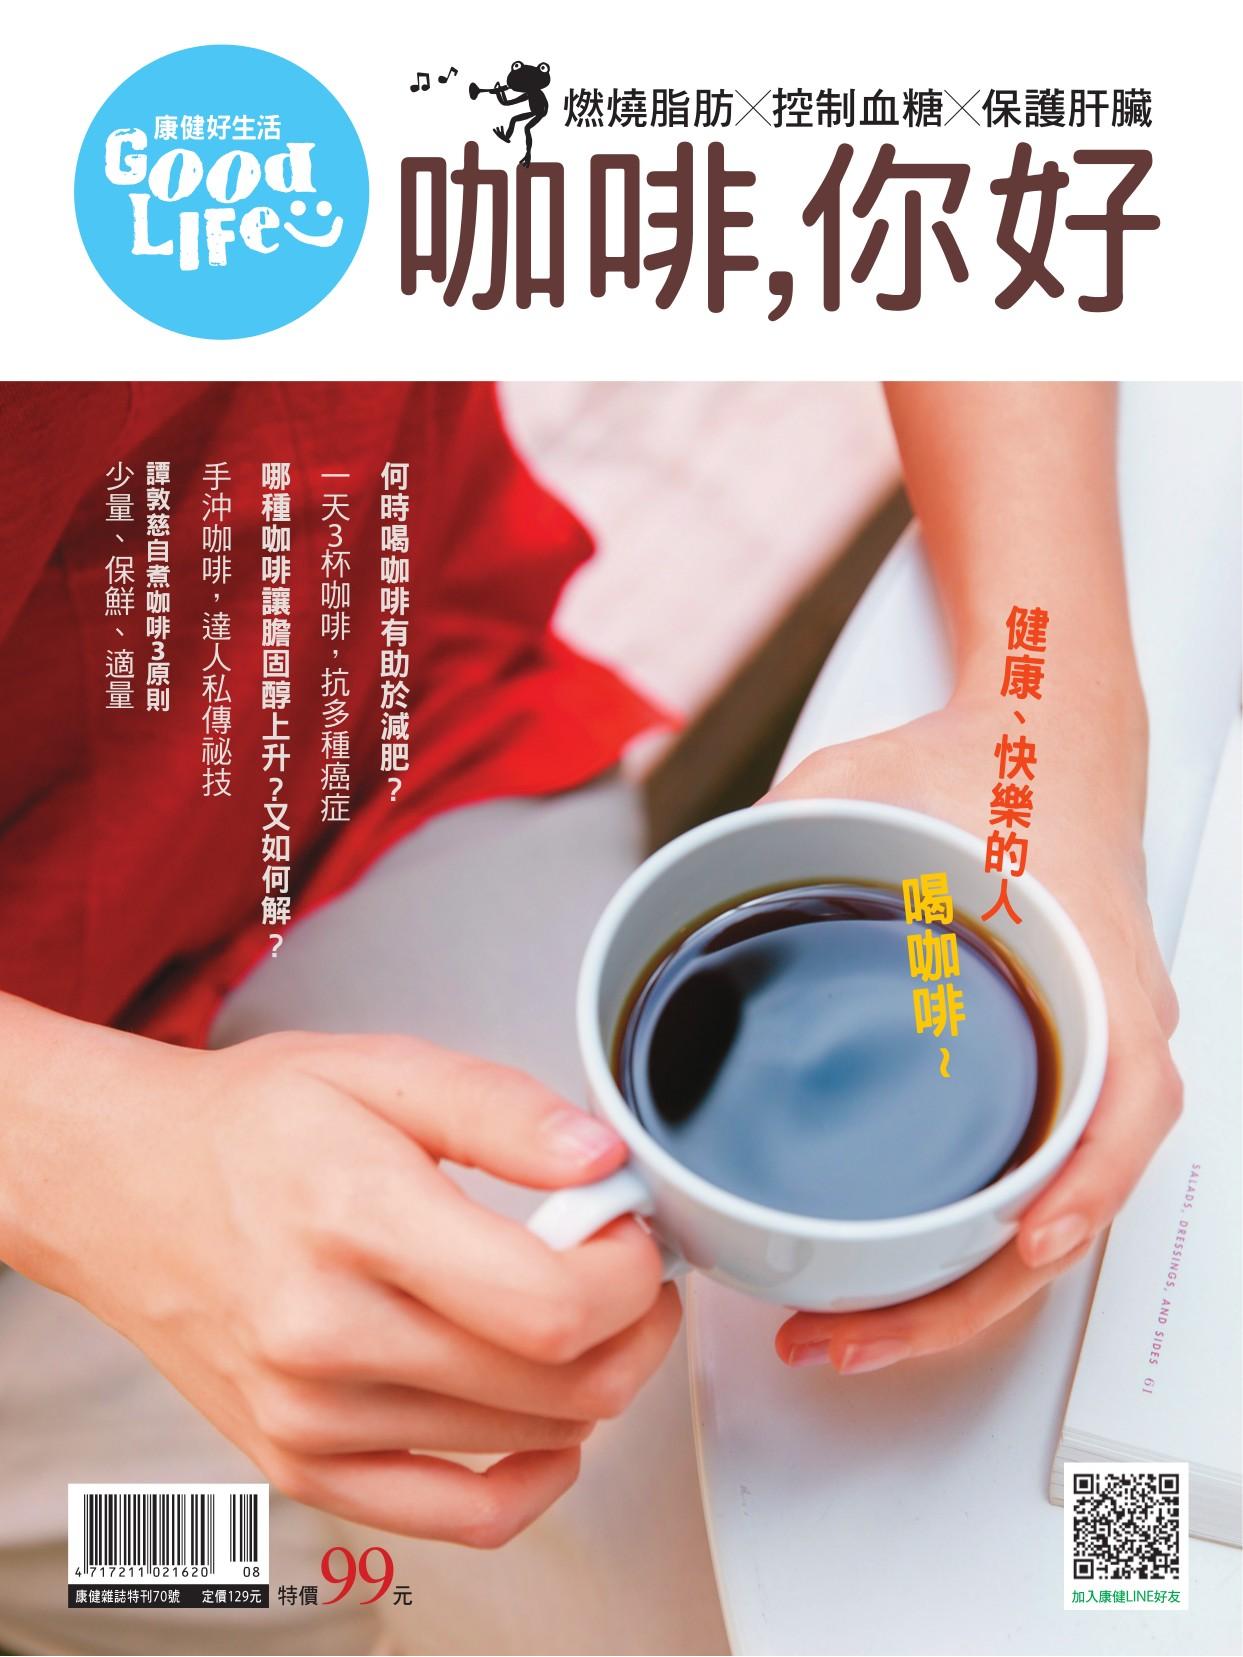 另開新視窗呈現 康健好生活Good Life 咖啡你好 封面